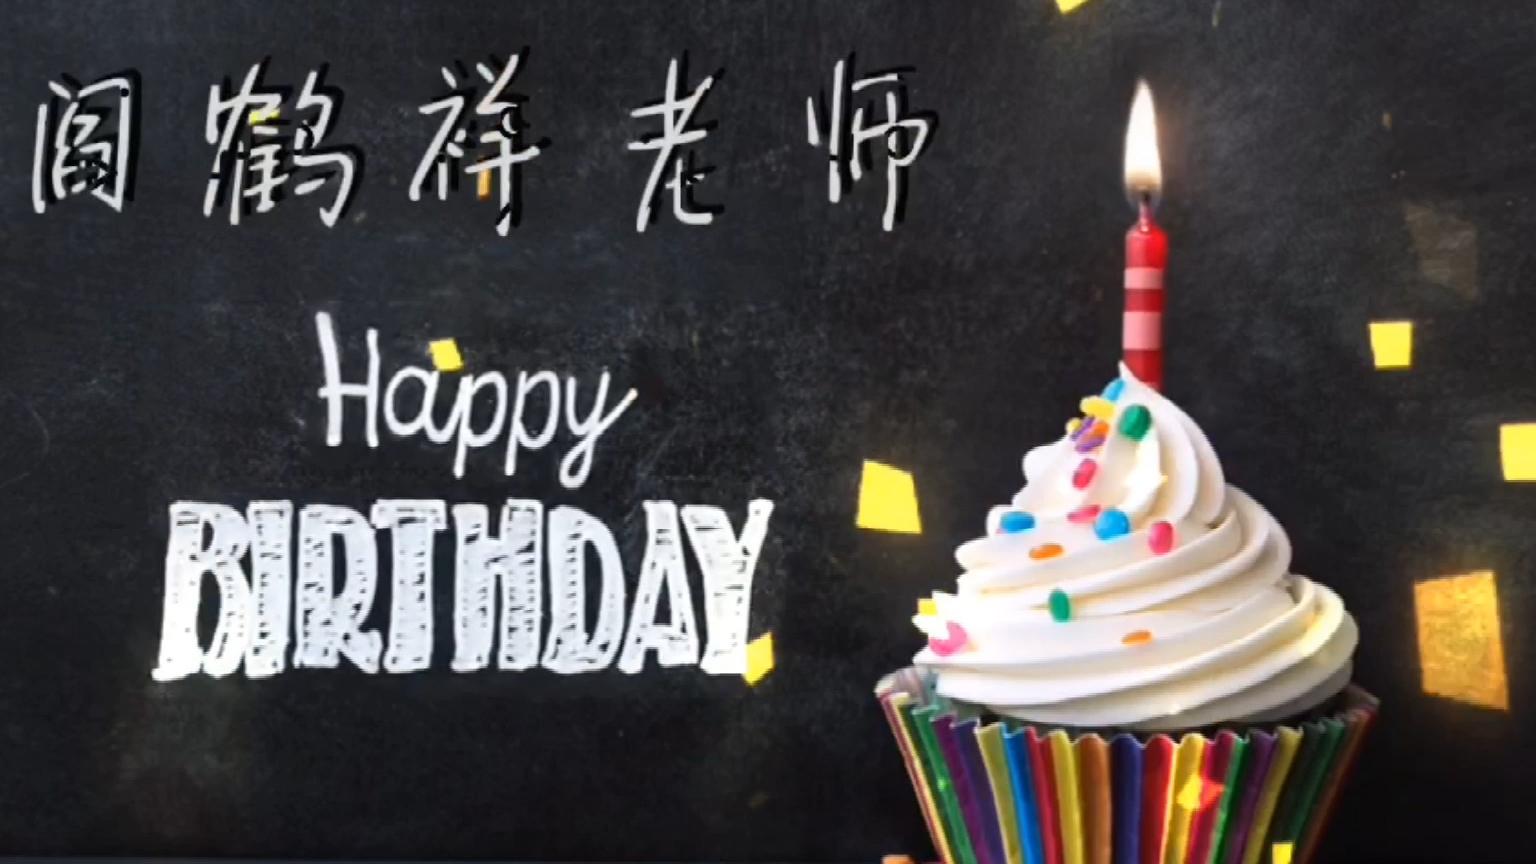 阎鹤祥先生20200914生日快乐